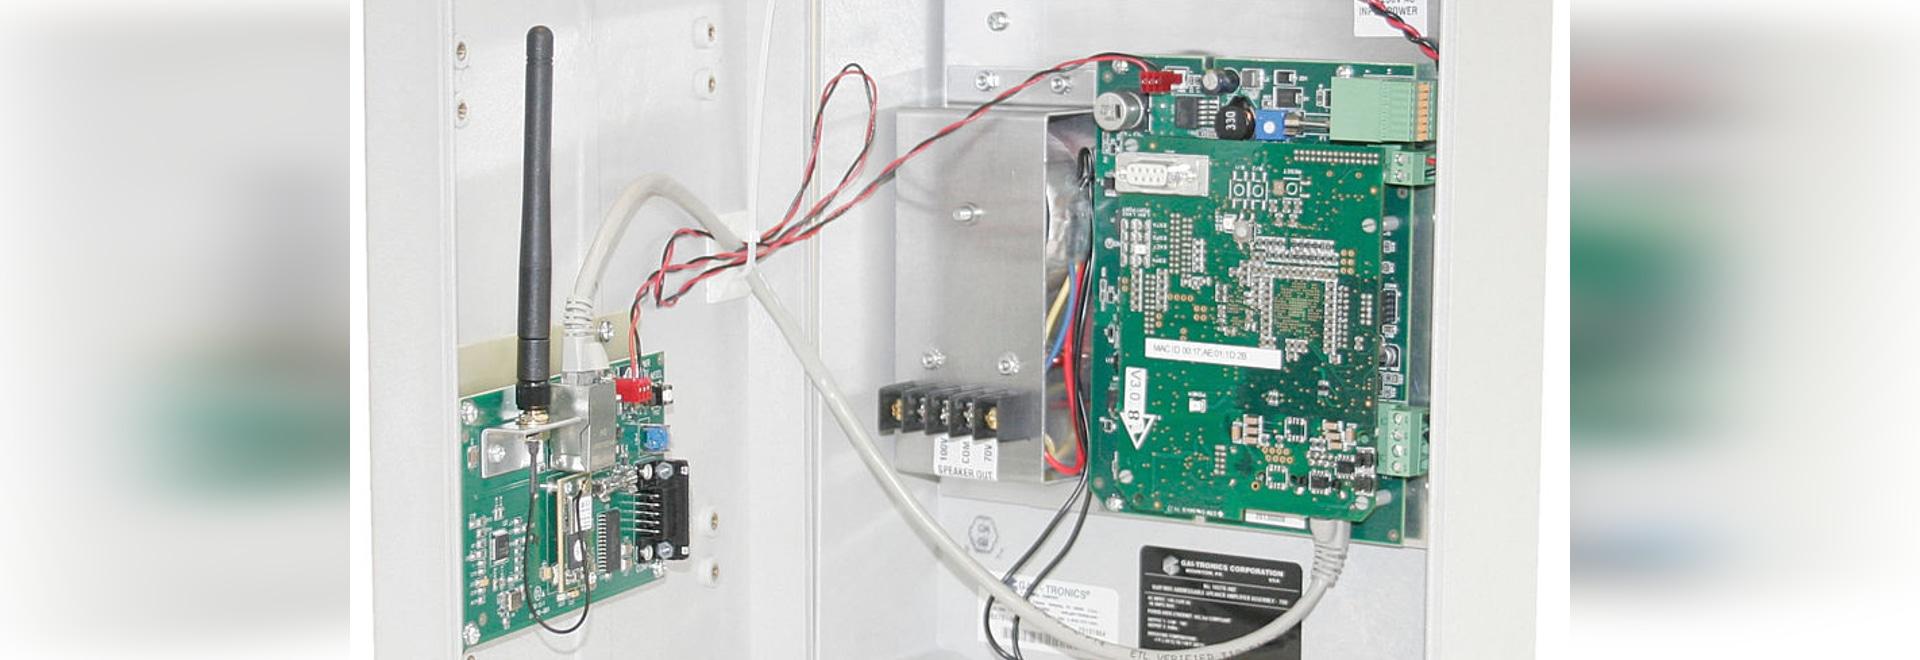 VoIP Speaker Amplifier Assemblies